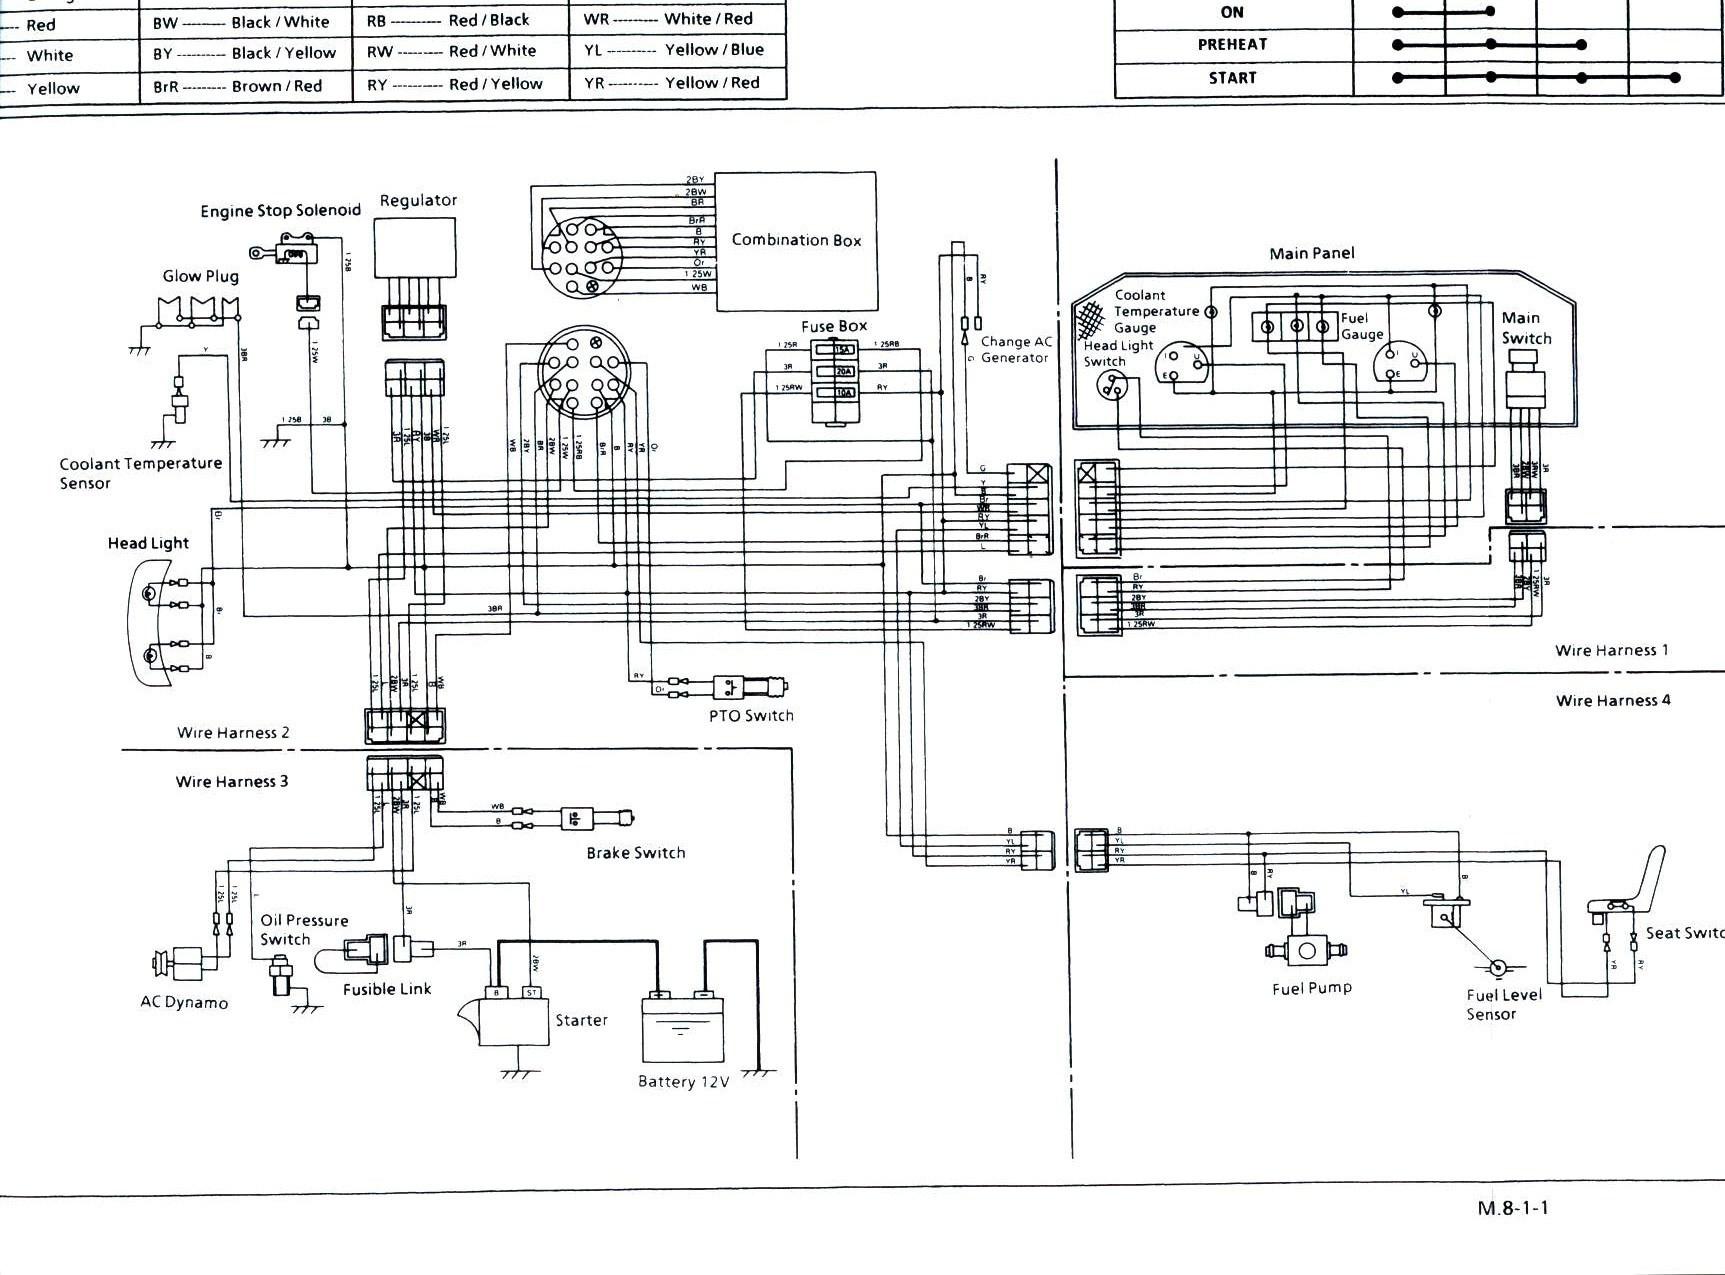 hight resolution of kubota rtv 1100 wiring diagram schema diagram database kubota zd331 wiring diagram wiring diagram name kubota